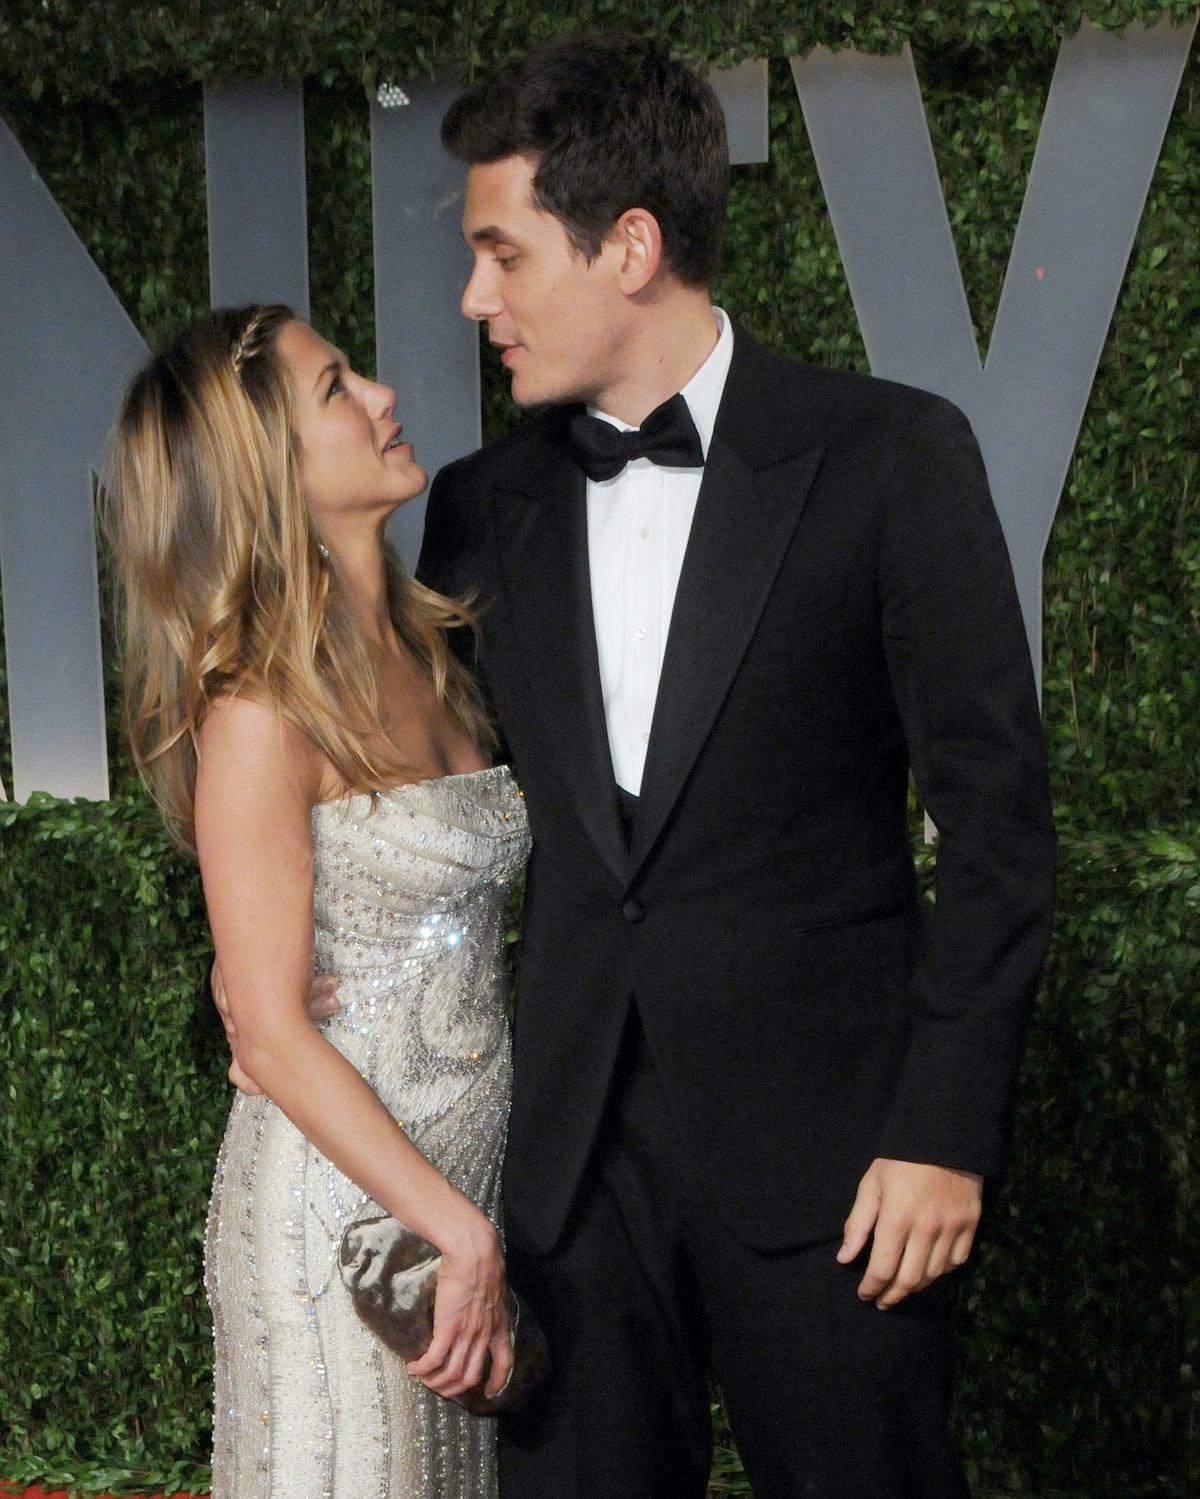 Jennifer Aniston and John Mayer dated.